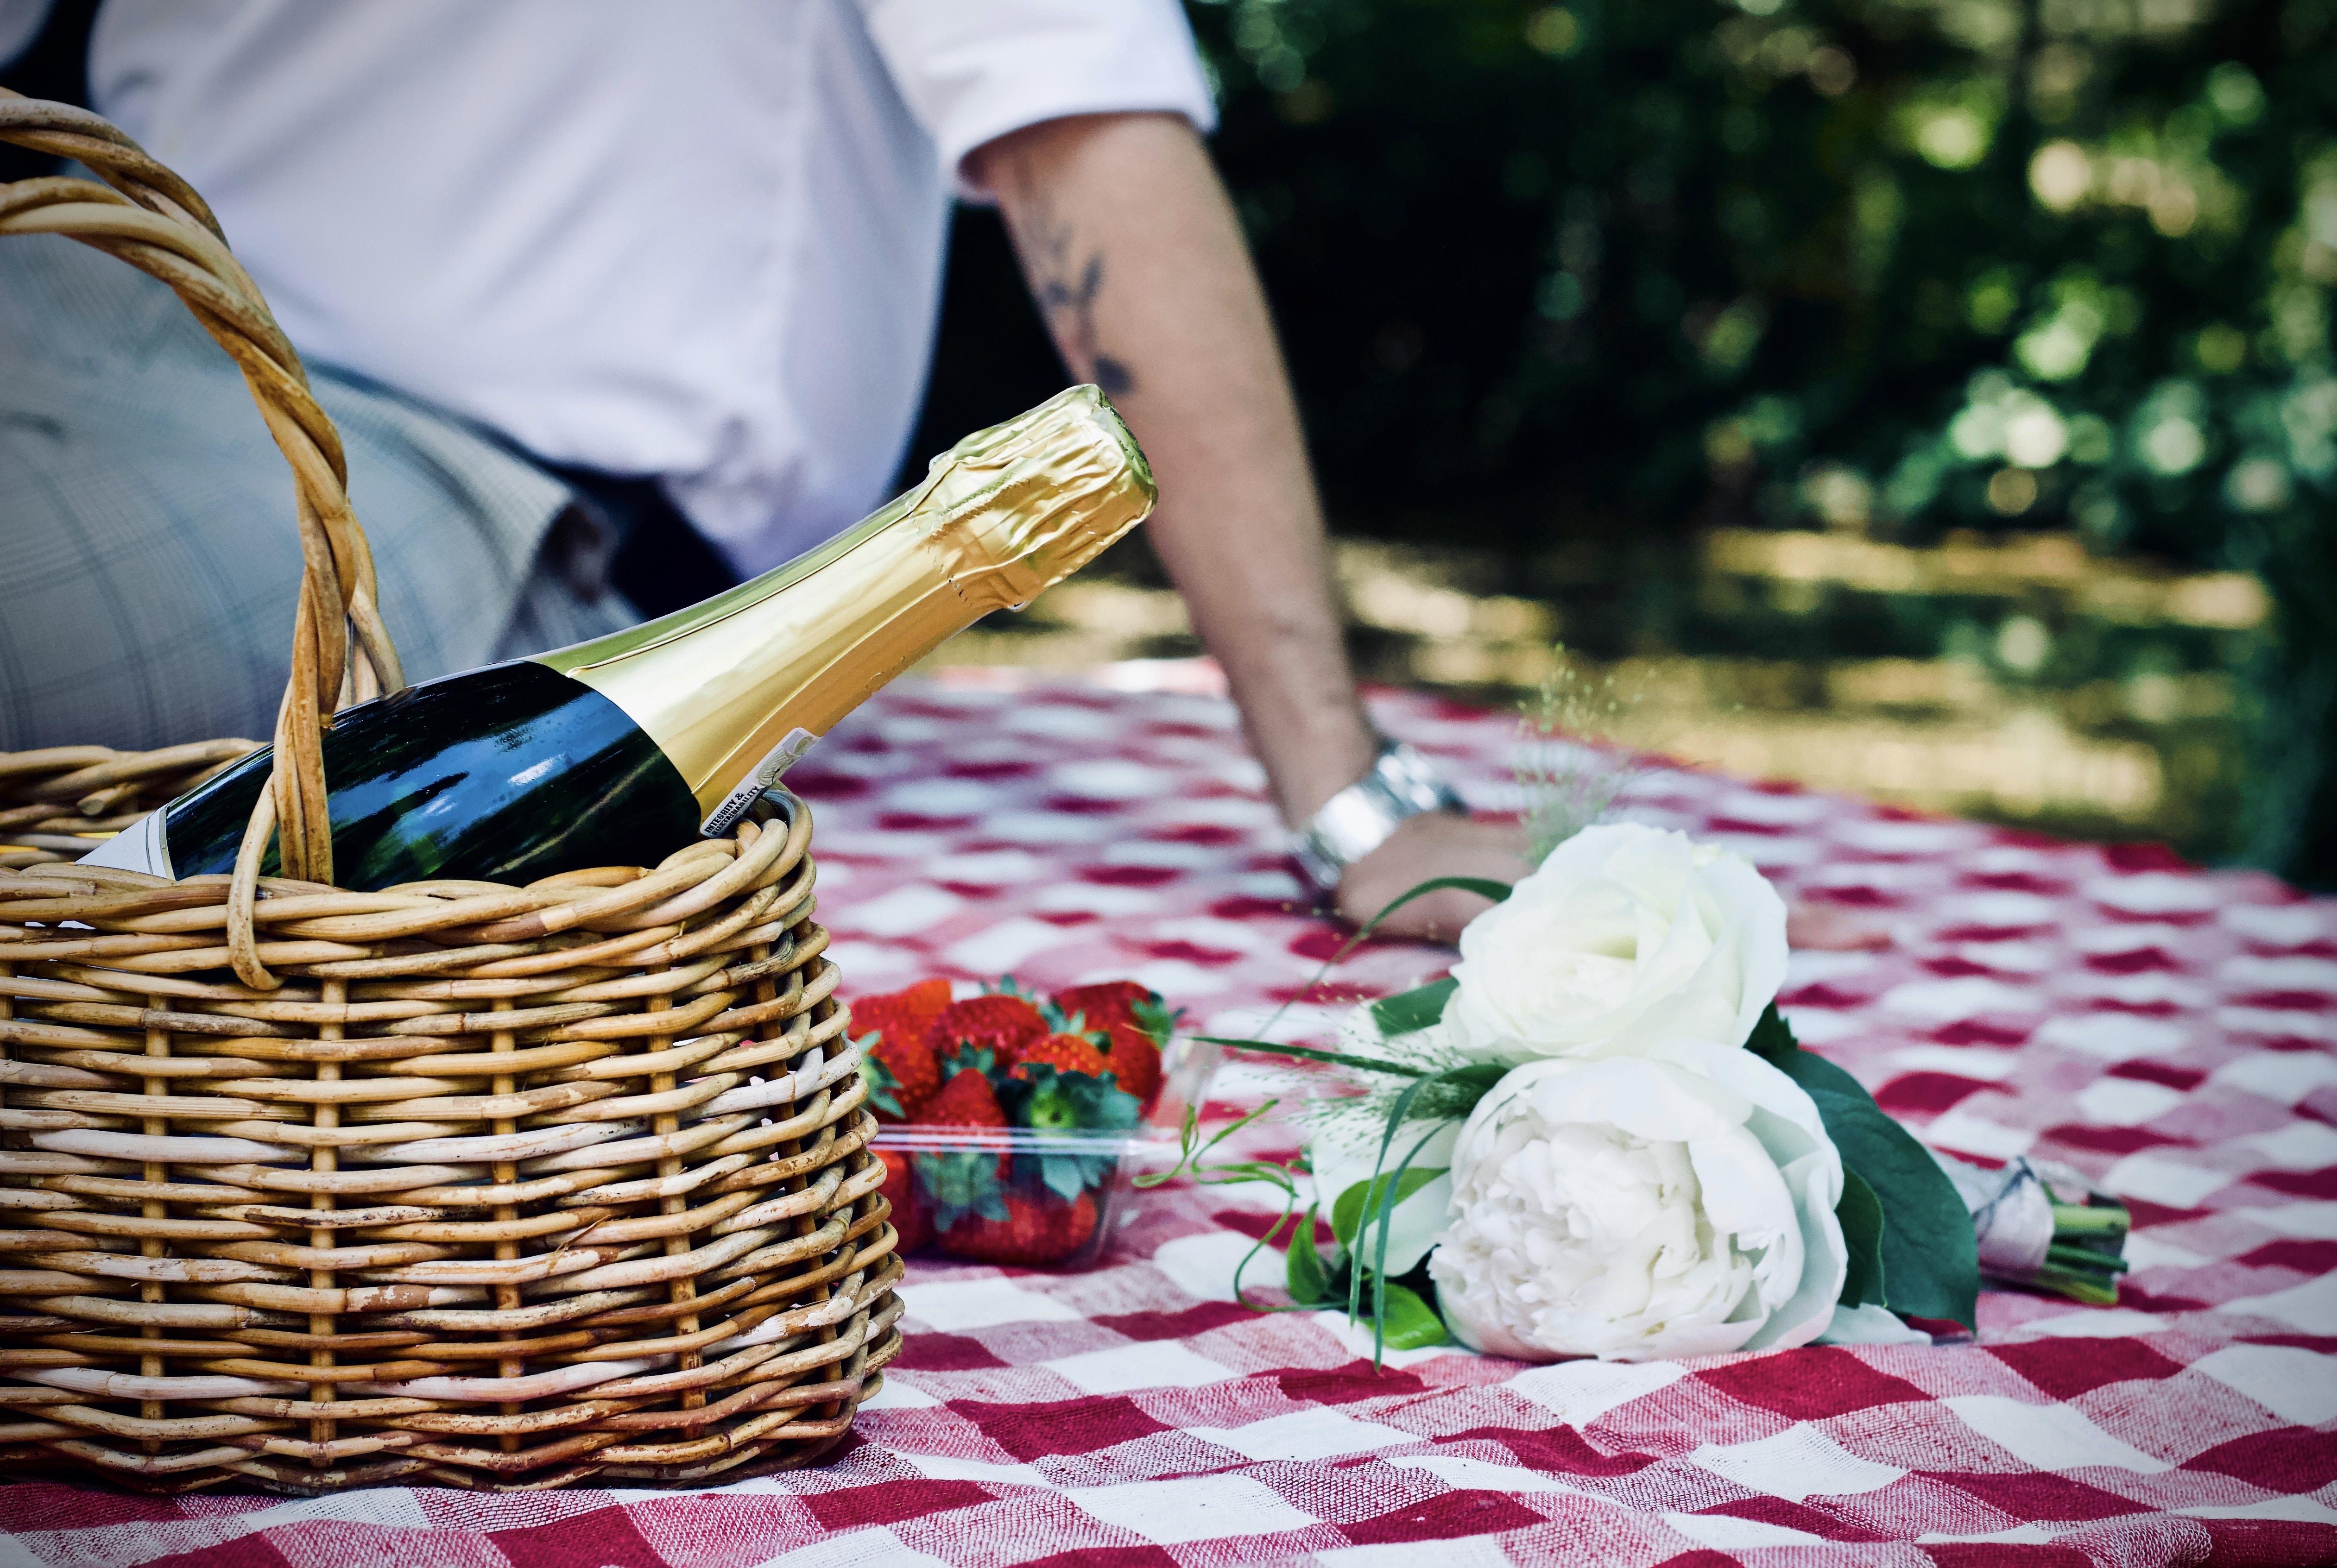 white petaled flower beside basket